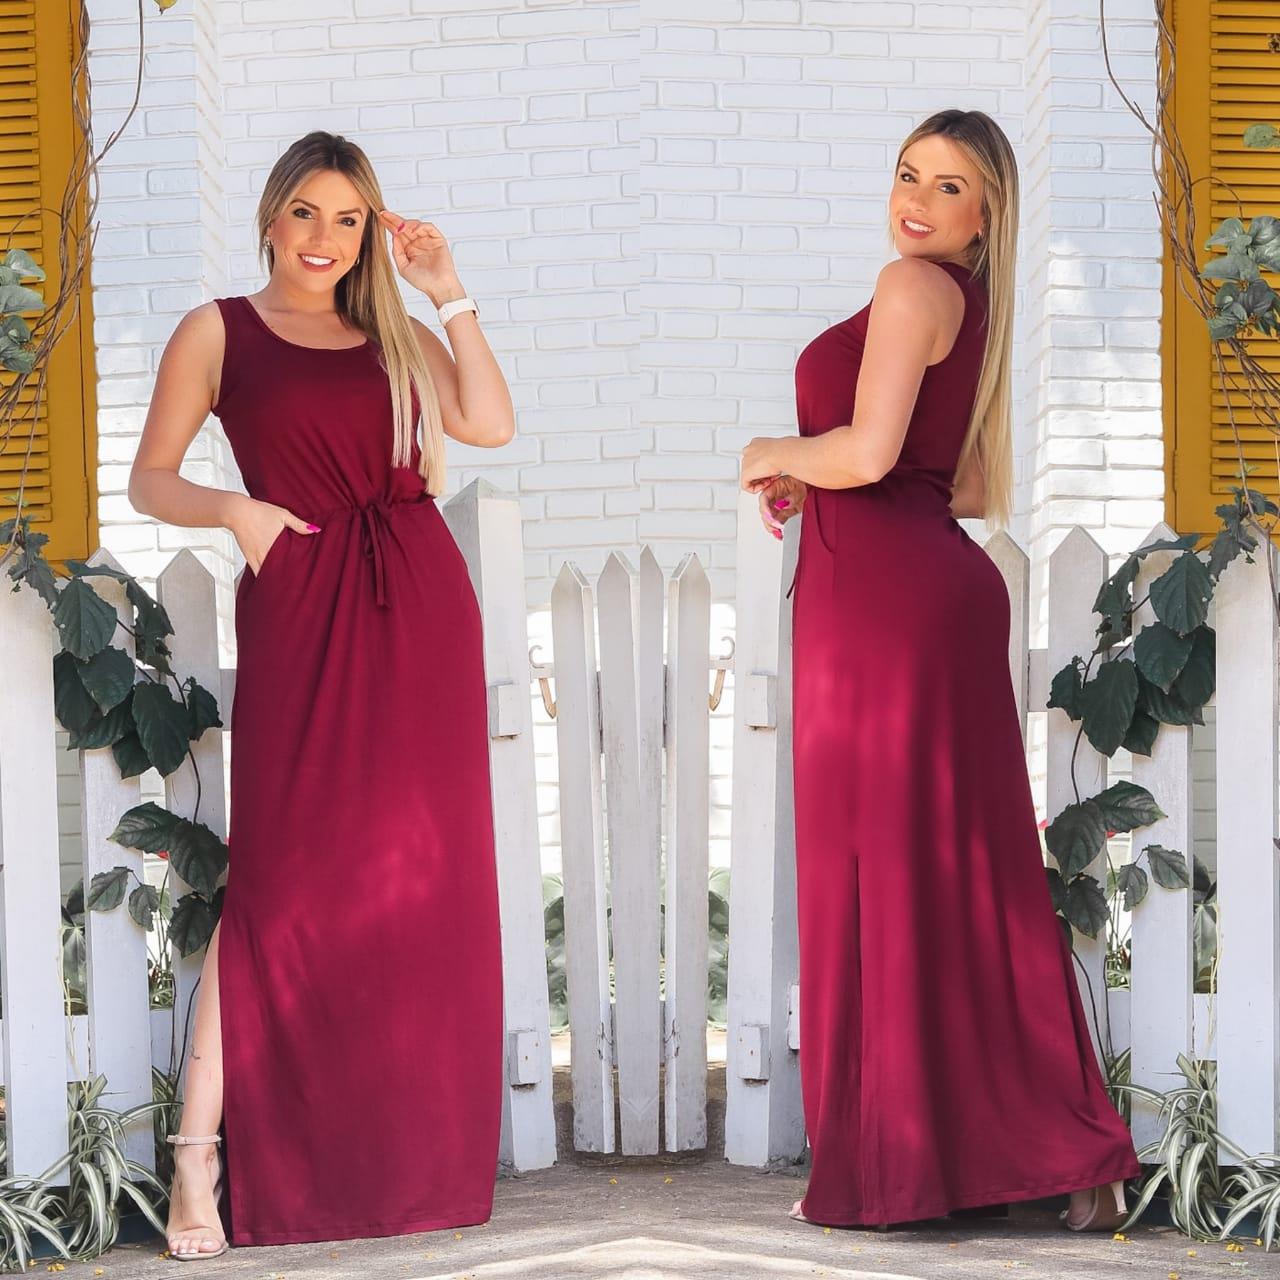 Vestido Longo Feminino Regata com Bolso e Fenda Bordô Liso - Alice